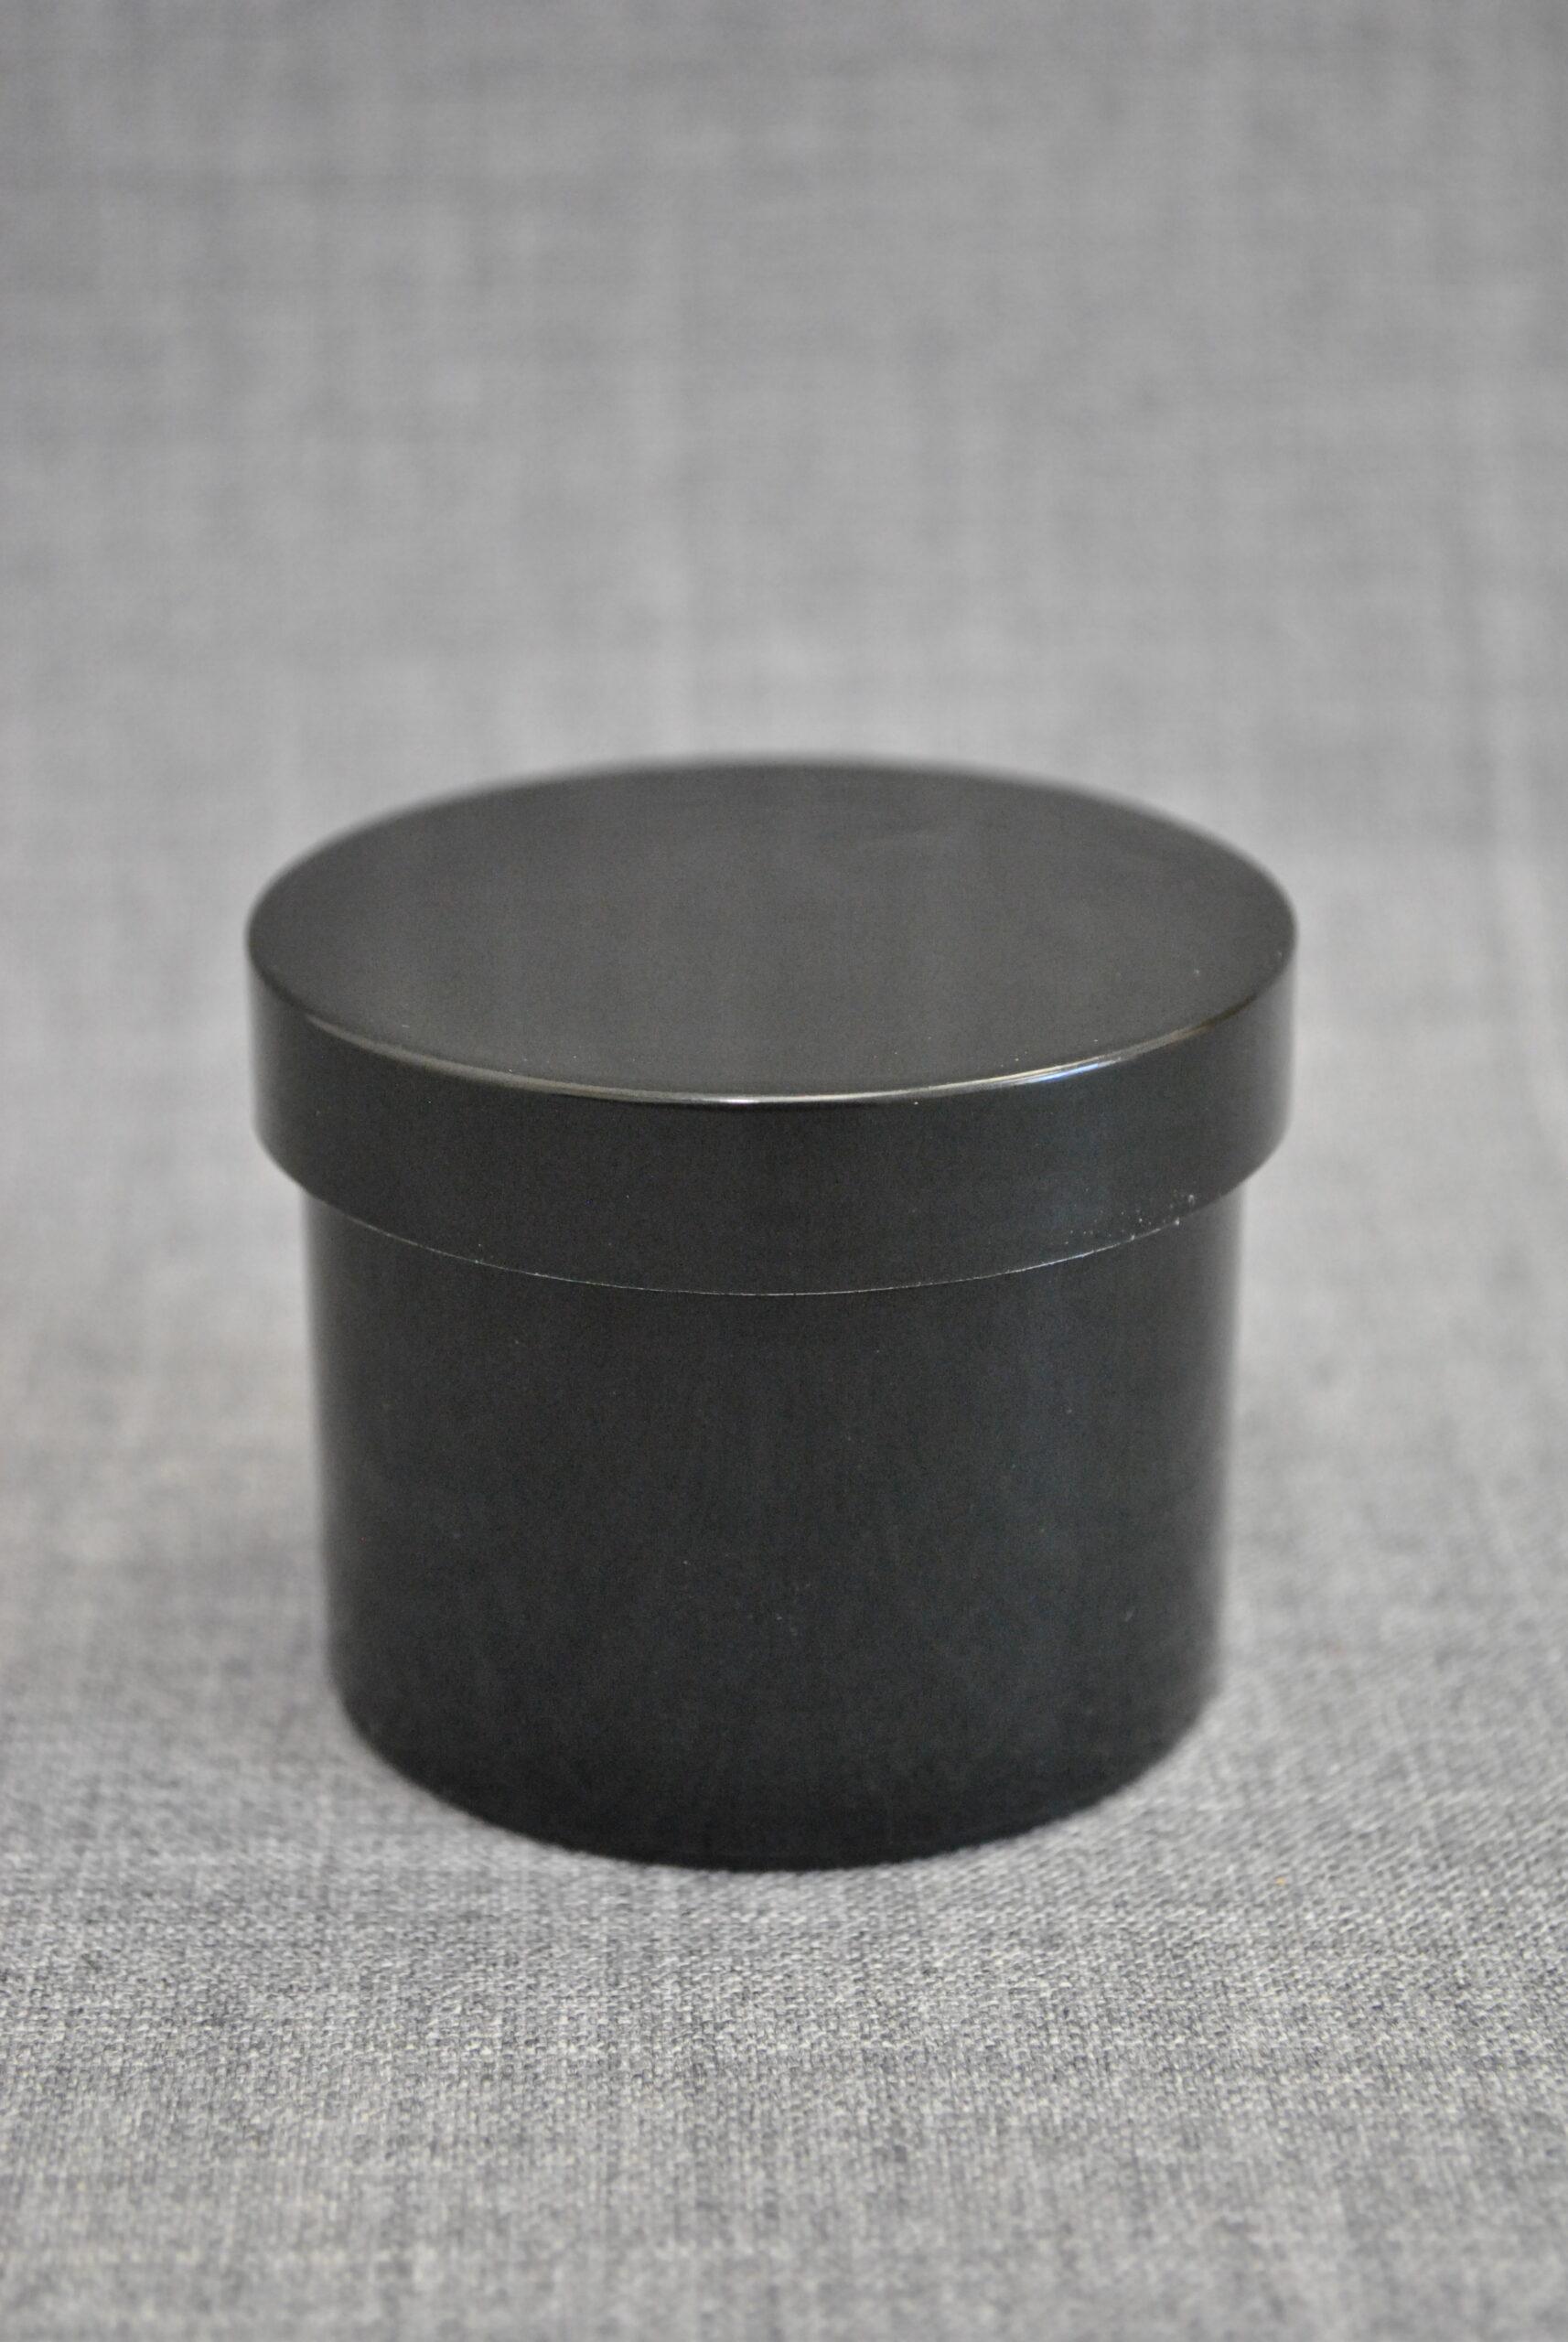 баночка 100 мл для косметики черного цвета